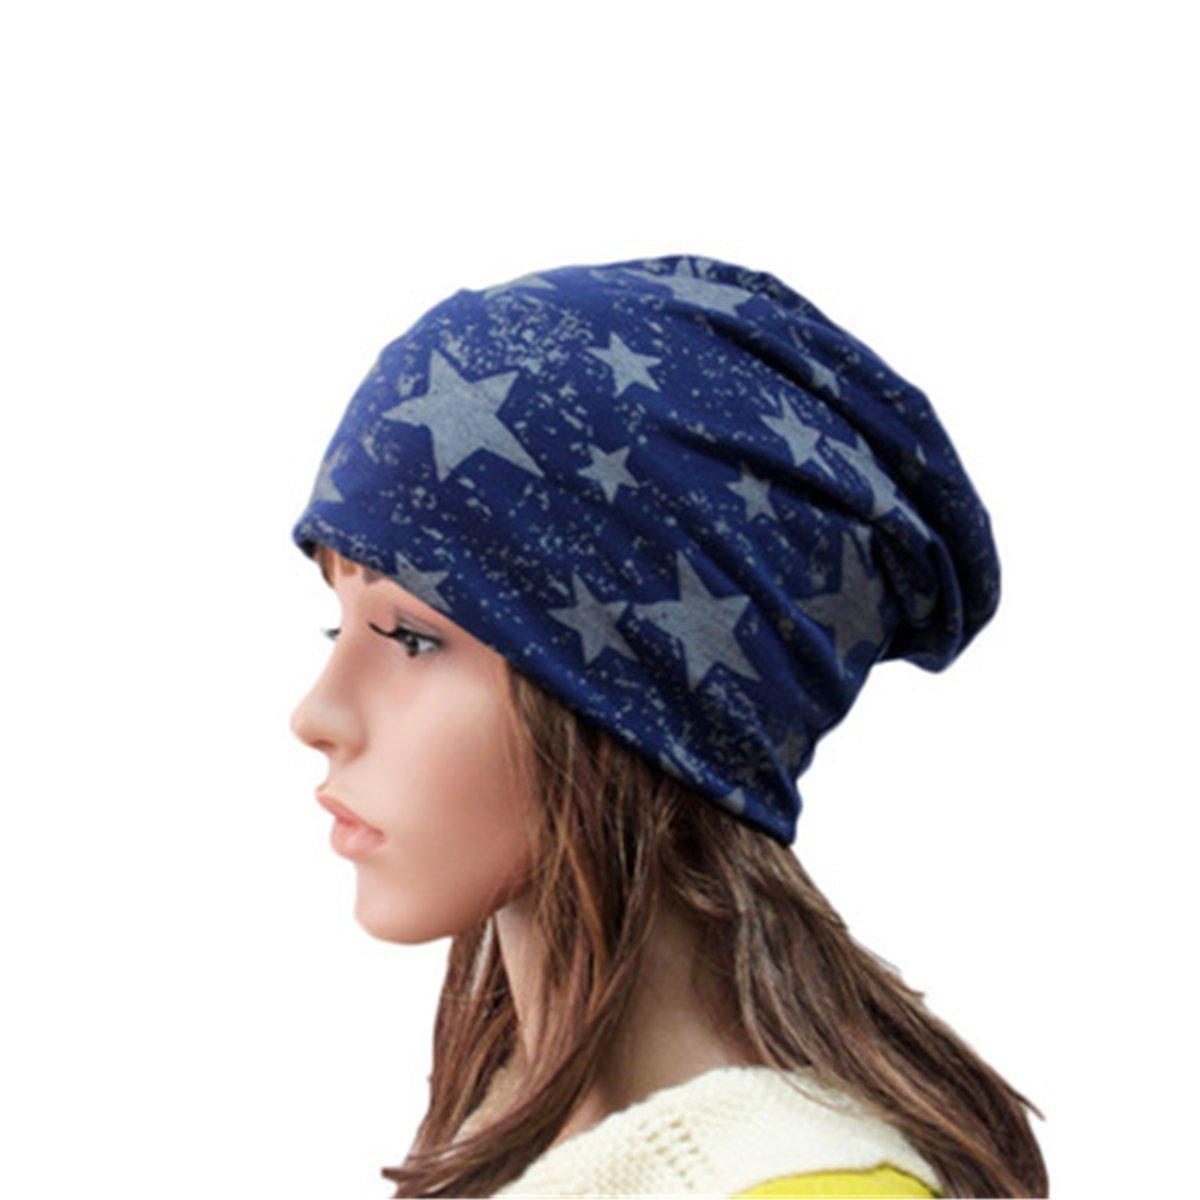 Women's Cotton Beanie Cap Thin Hip-hop Star Hat 39 TYJ2017122801N-O